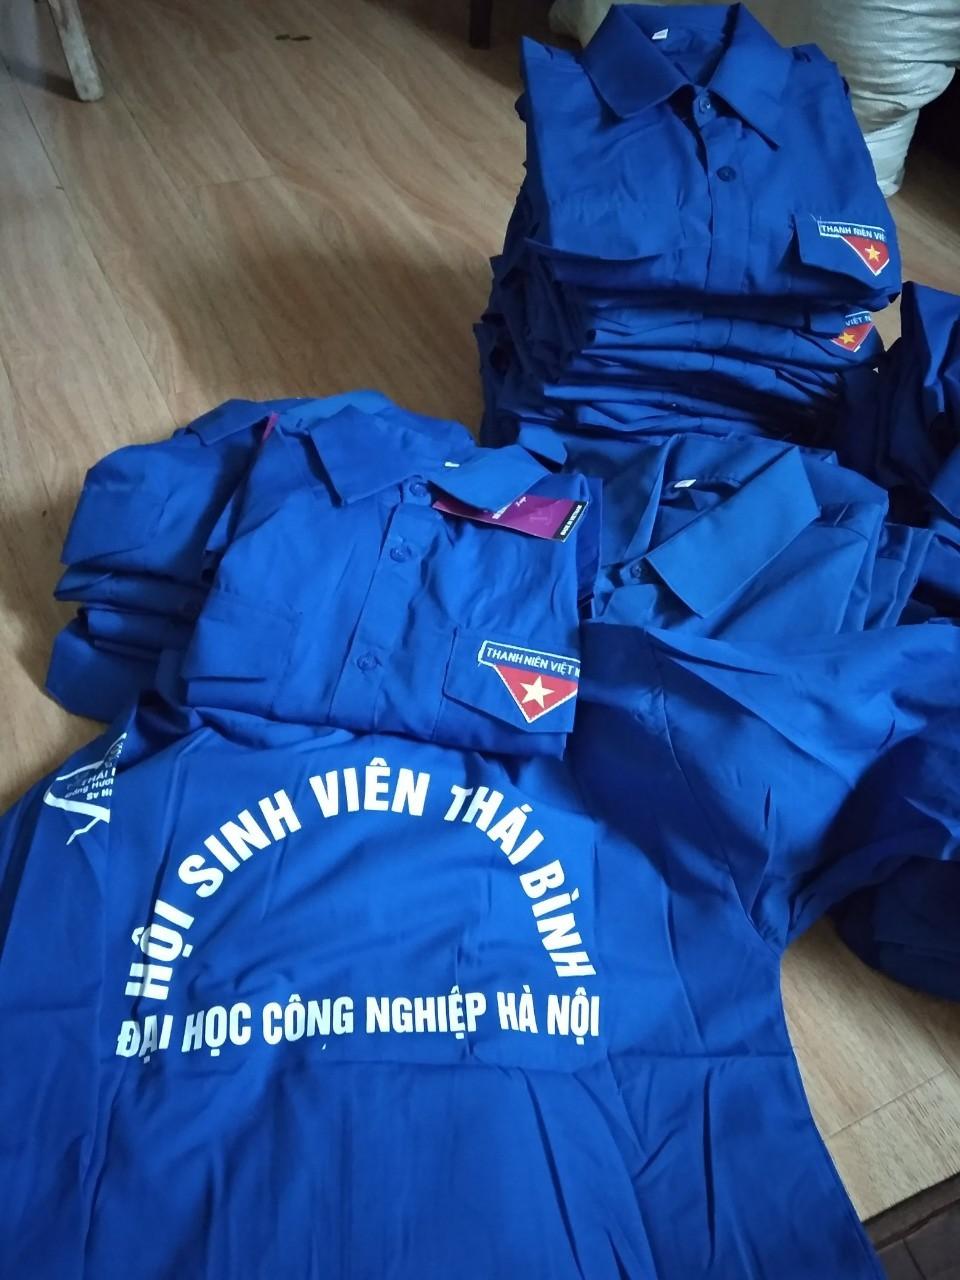 Xưởng sản xuất đồng phục chuyên nghiệp tại Hà Nội